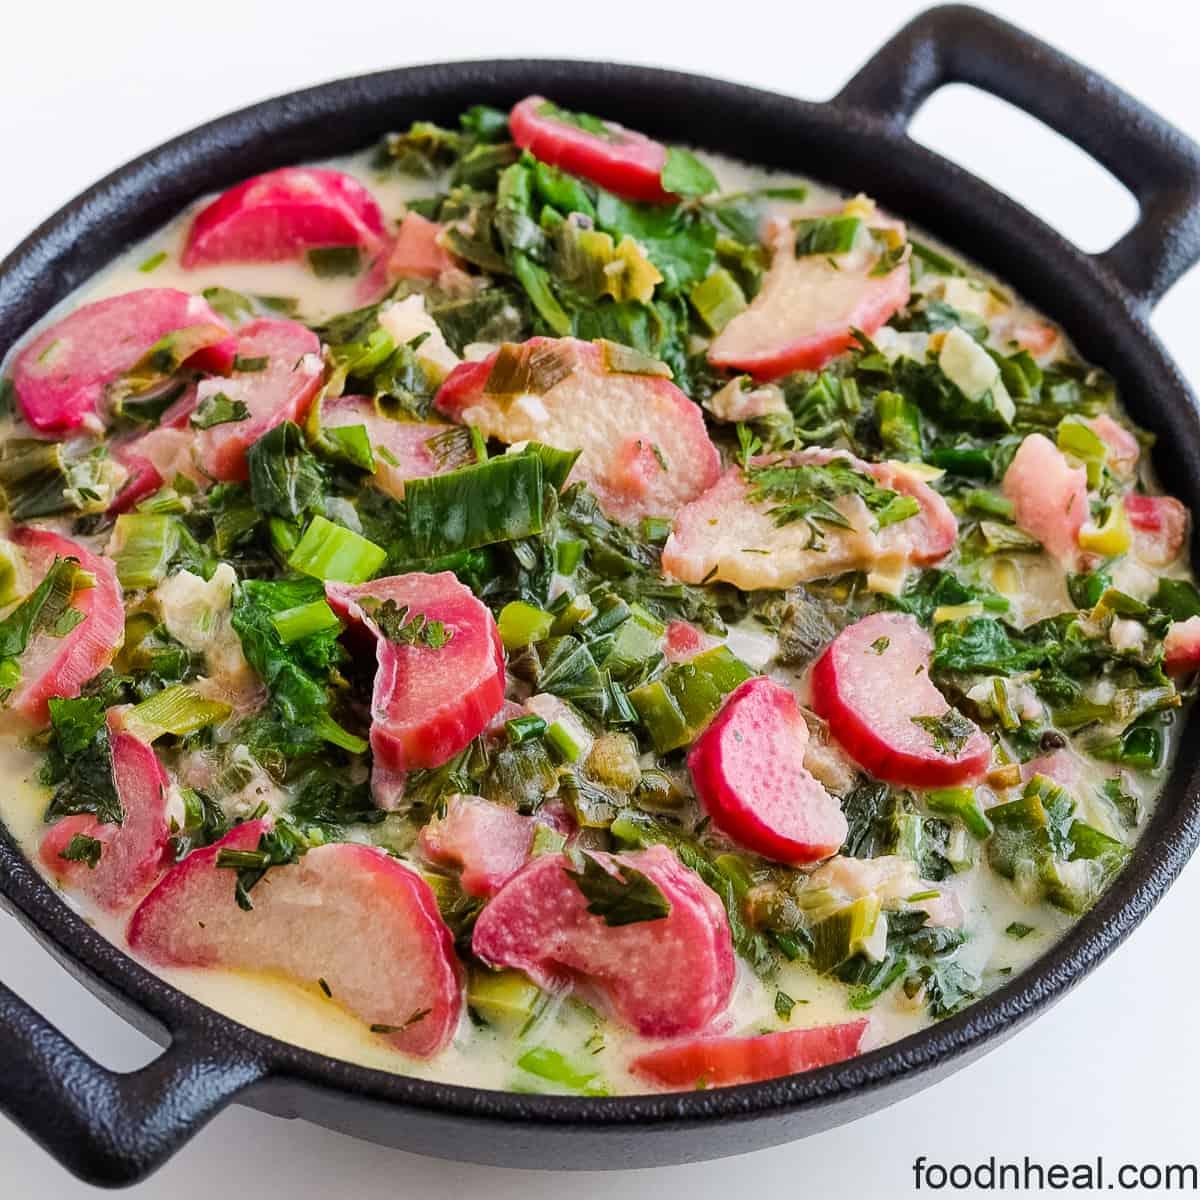 Savory rhubarb recipe